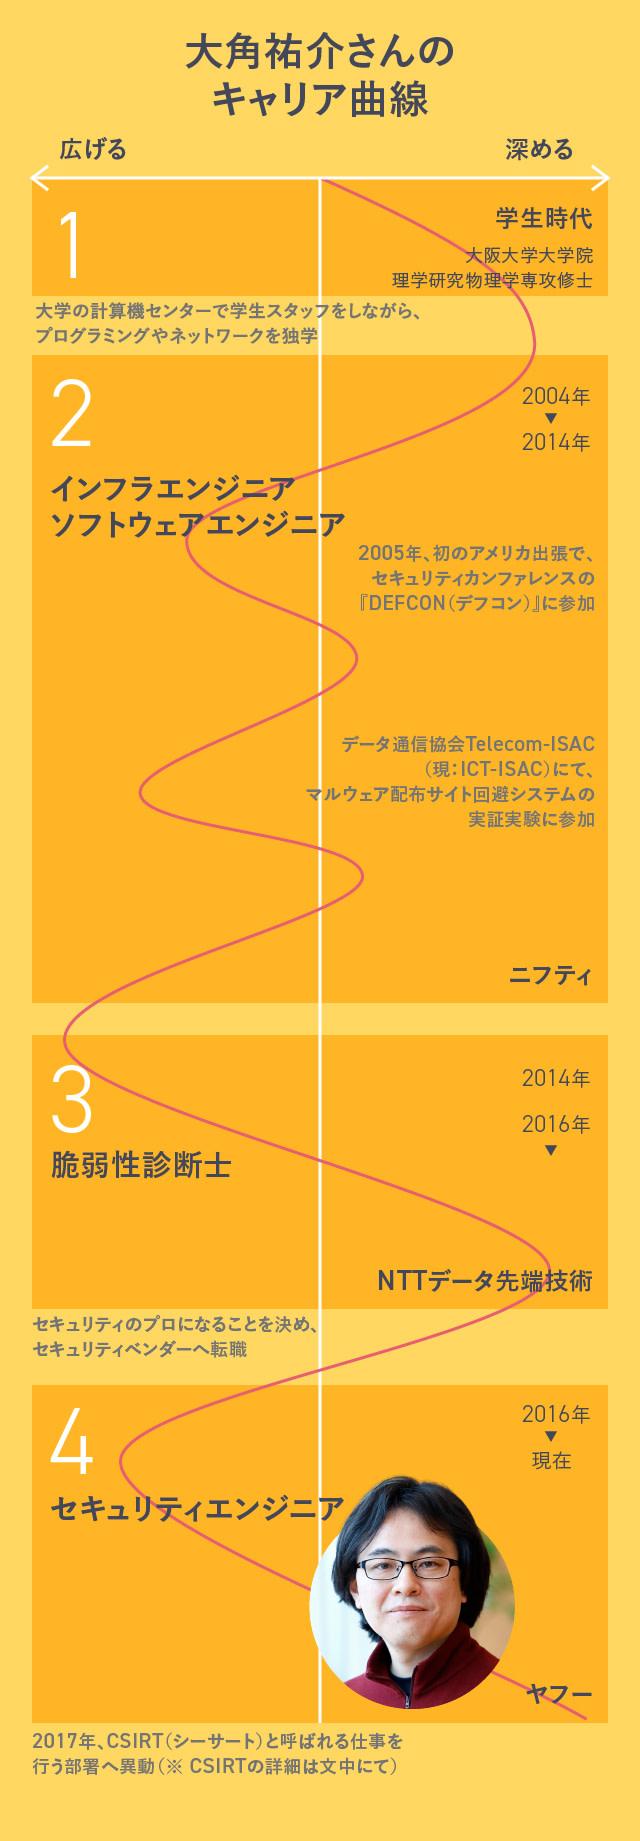 大角祐介さんのキャリア曲線